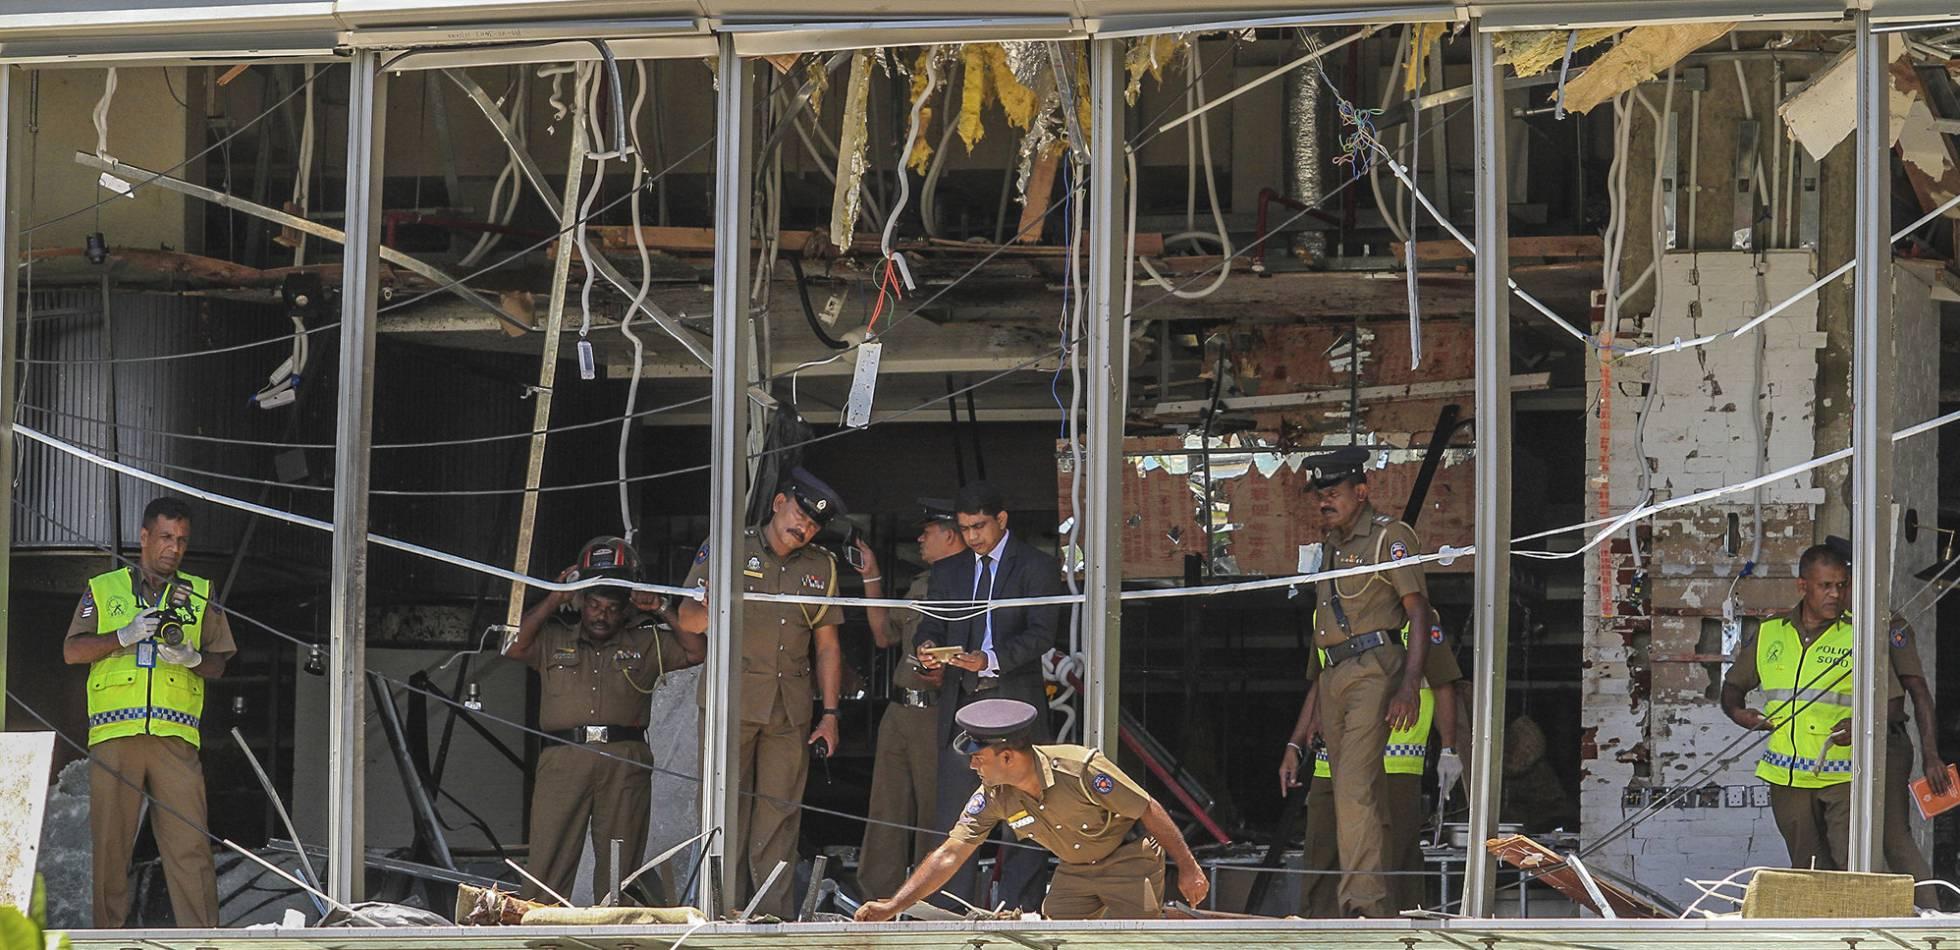 Oficiales de policía inspeccionaron el interior del Hotel Shangri-La, en Colombo, uno de los edificios atacados el domingo en Sri Lanka. Foto cortesía